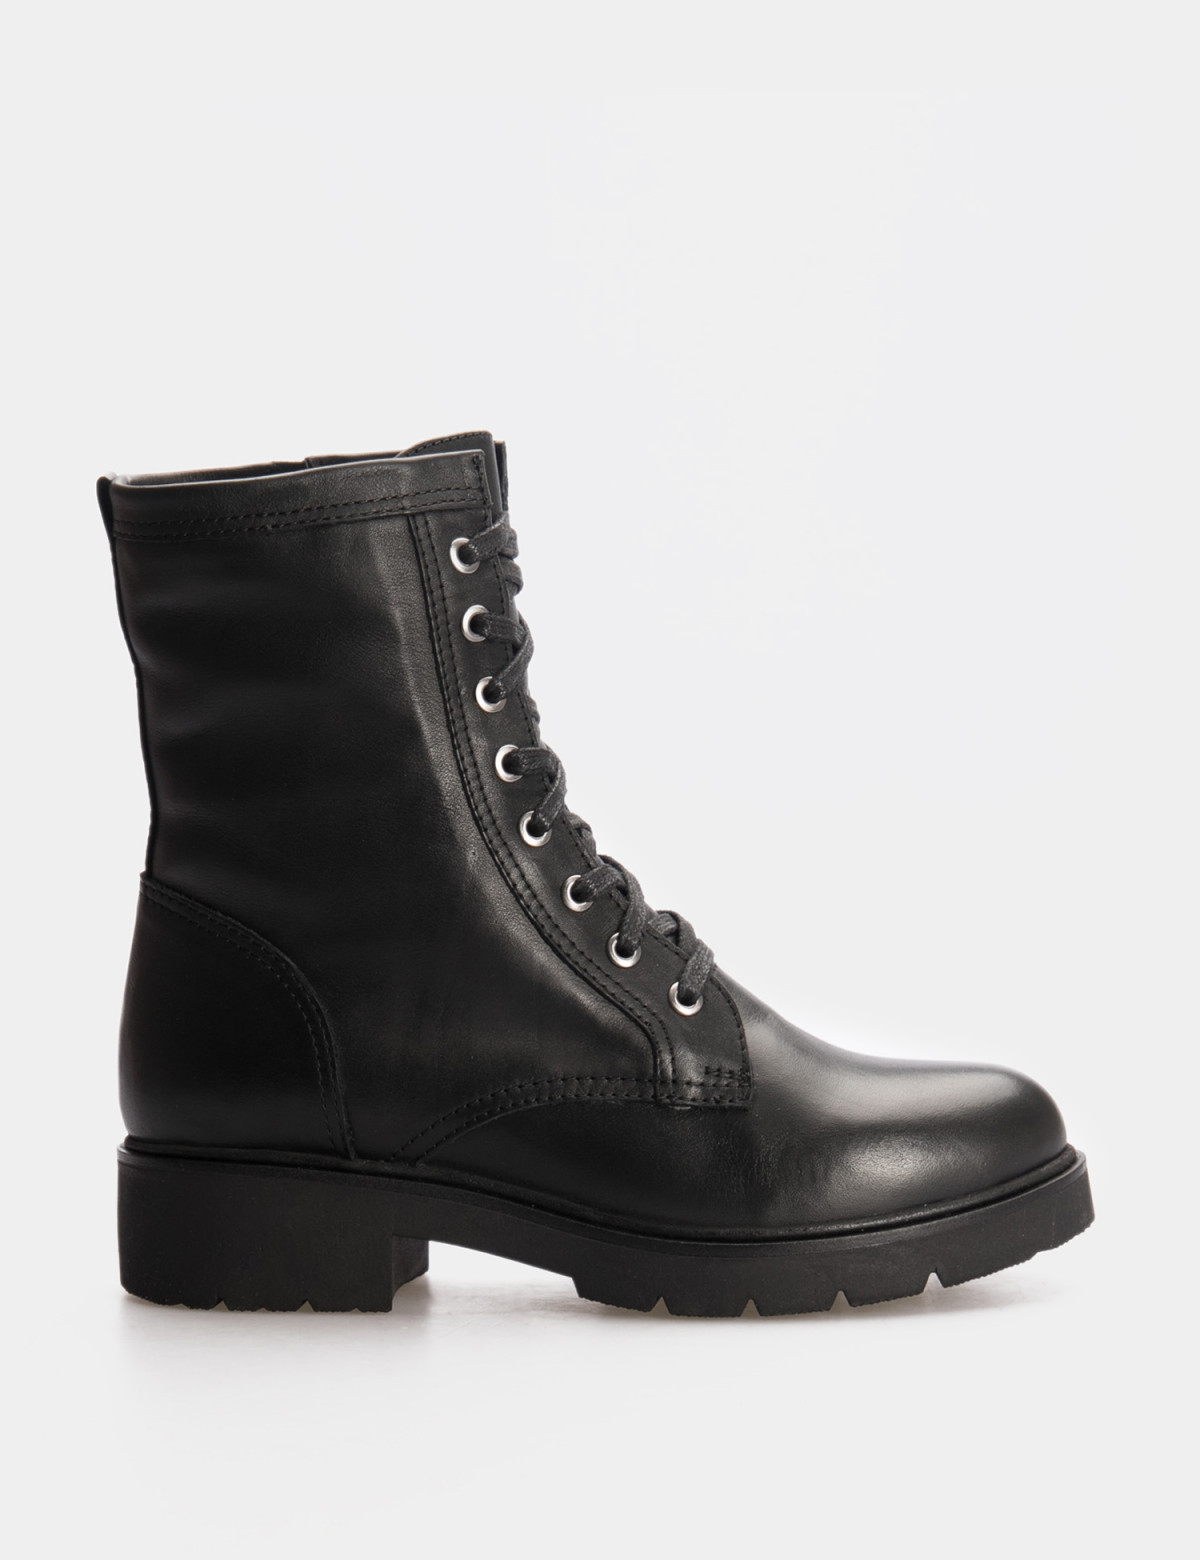 Ботинки черные. Натуральная кожа. Искуственный мех